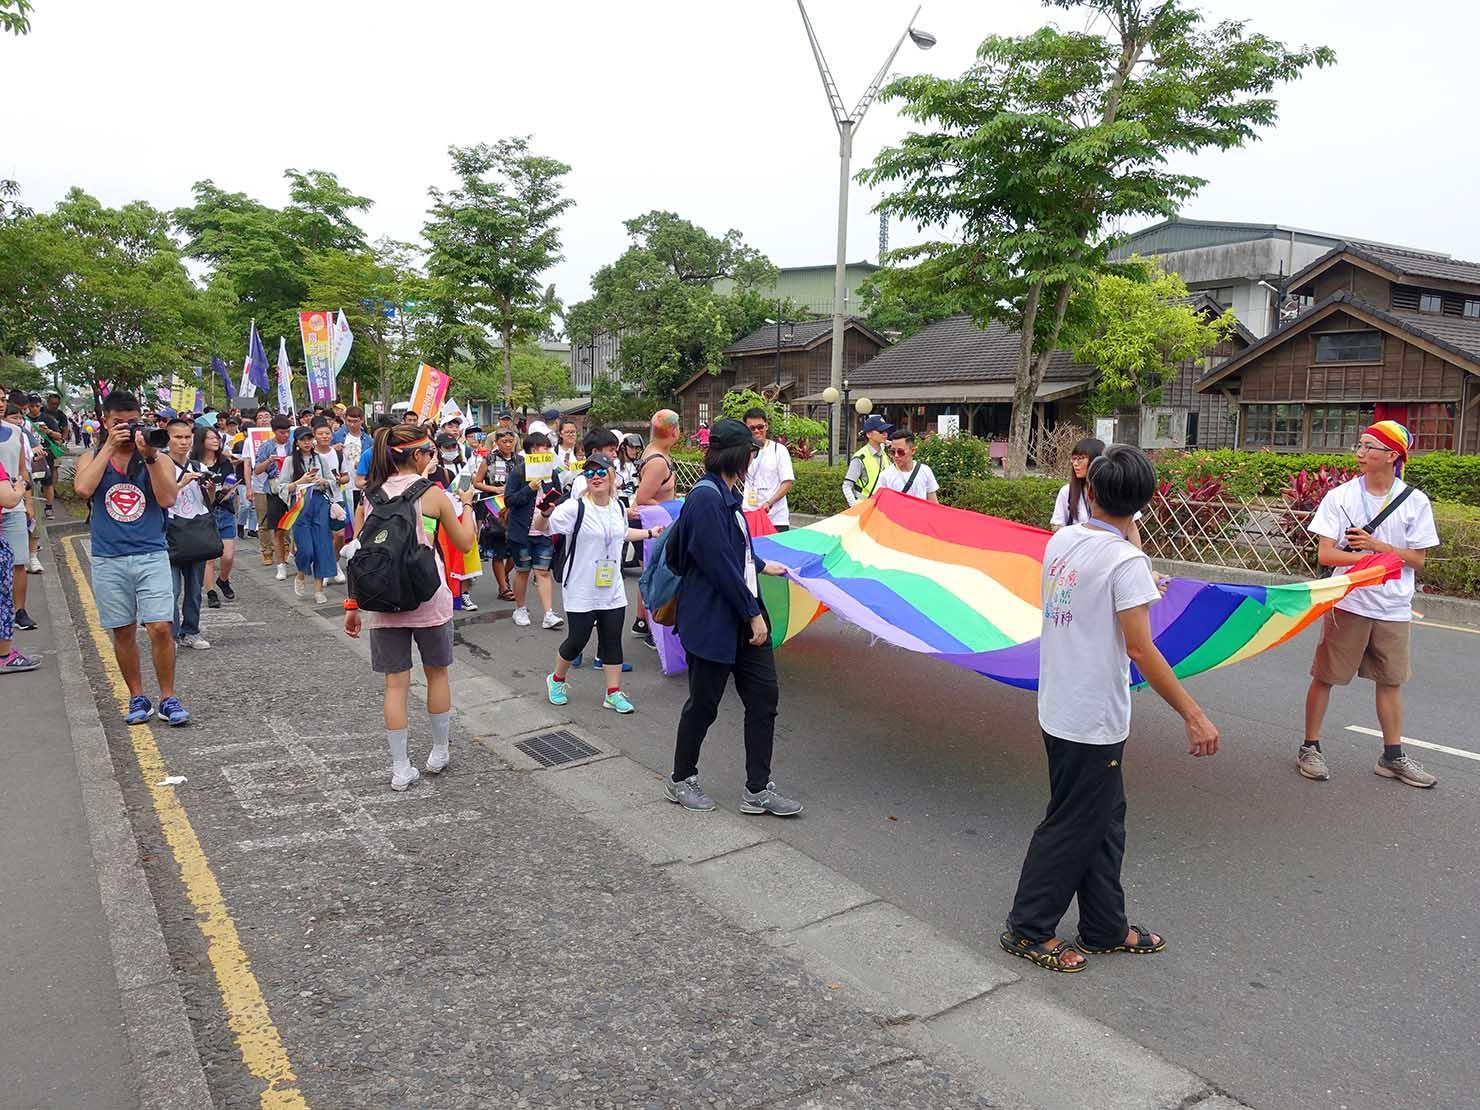 2018年台湾のLGBTプライド「宜蘭驕傲大遊行(宜蘭プライド)」のパレードを先導するレインボーフラッグ